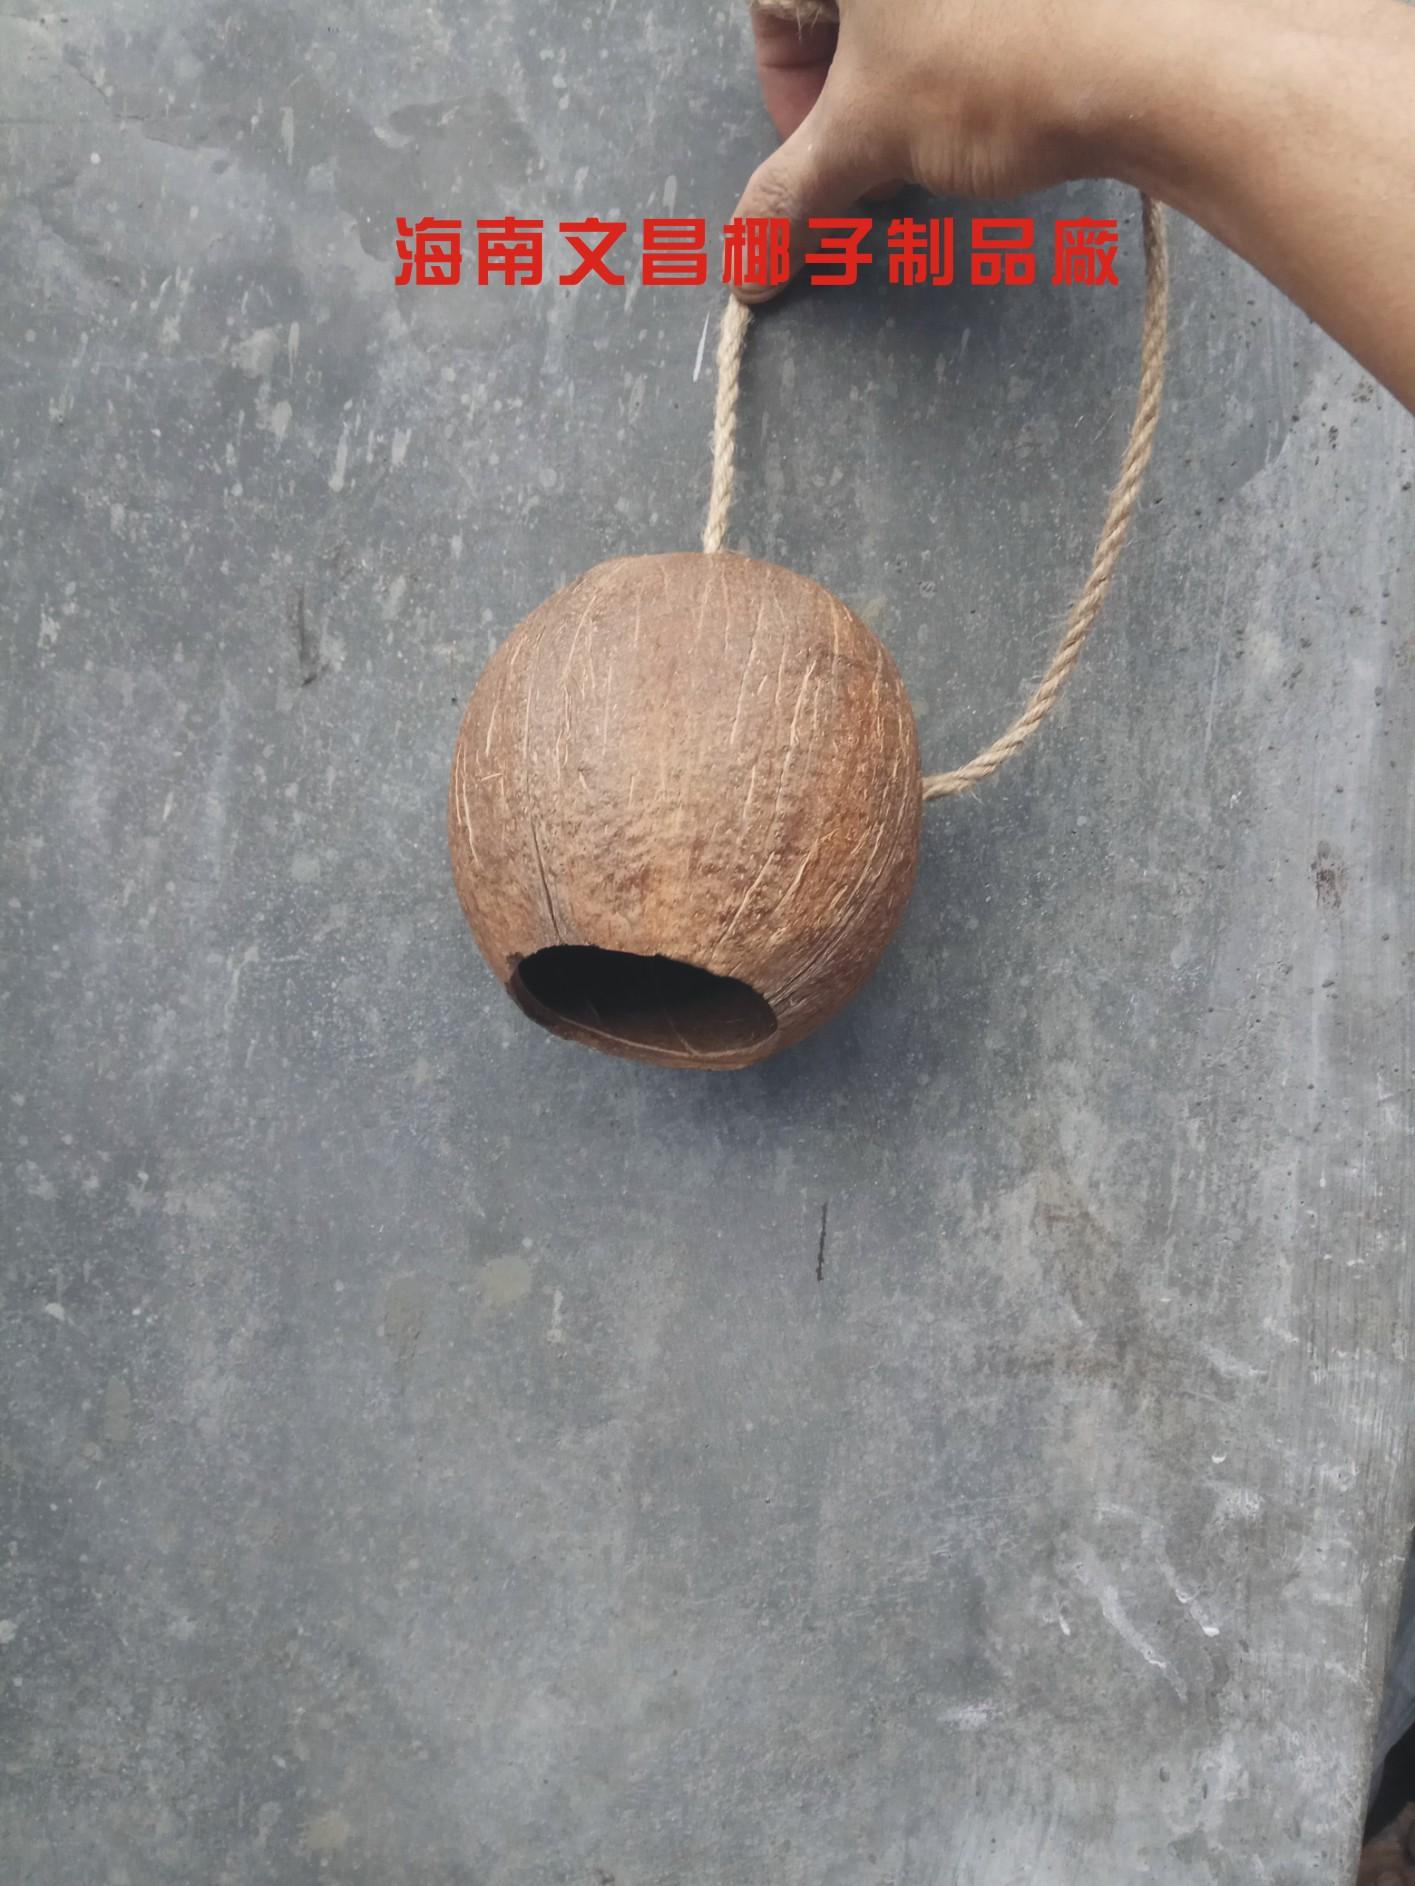 Кокос оболочка кокосовые волокна ремесла статья доска ху творческий цветочный горшок корзина домой декоративный сад искусство зеленый из больше мясо семена завод бесплатная доставка